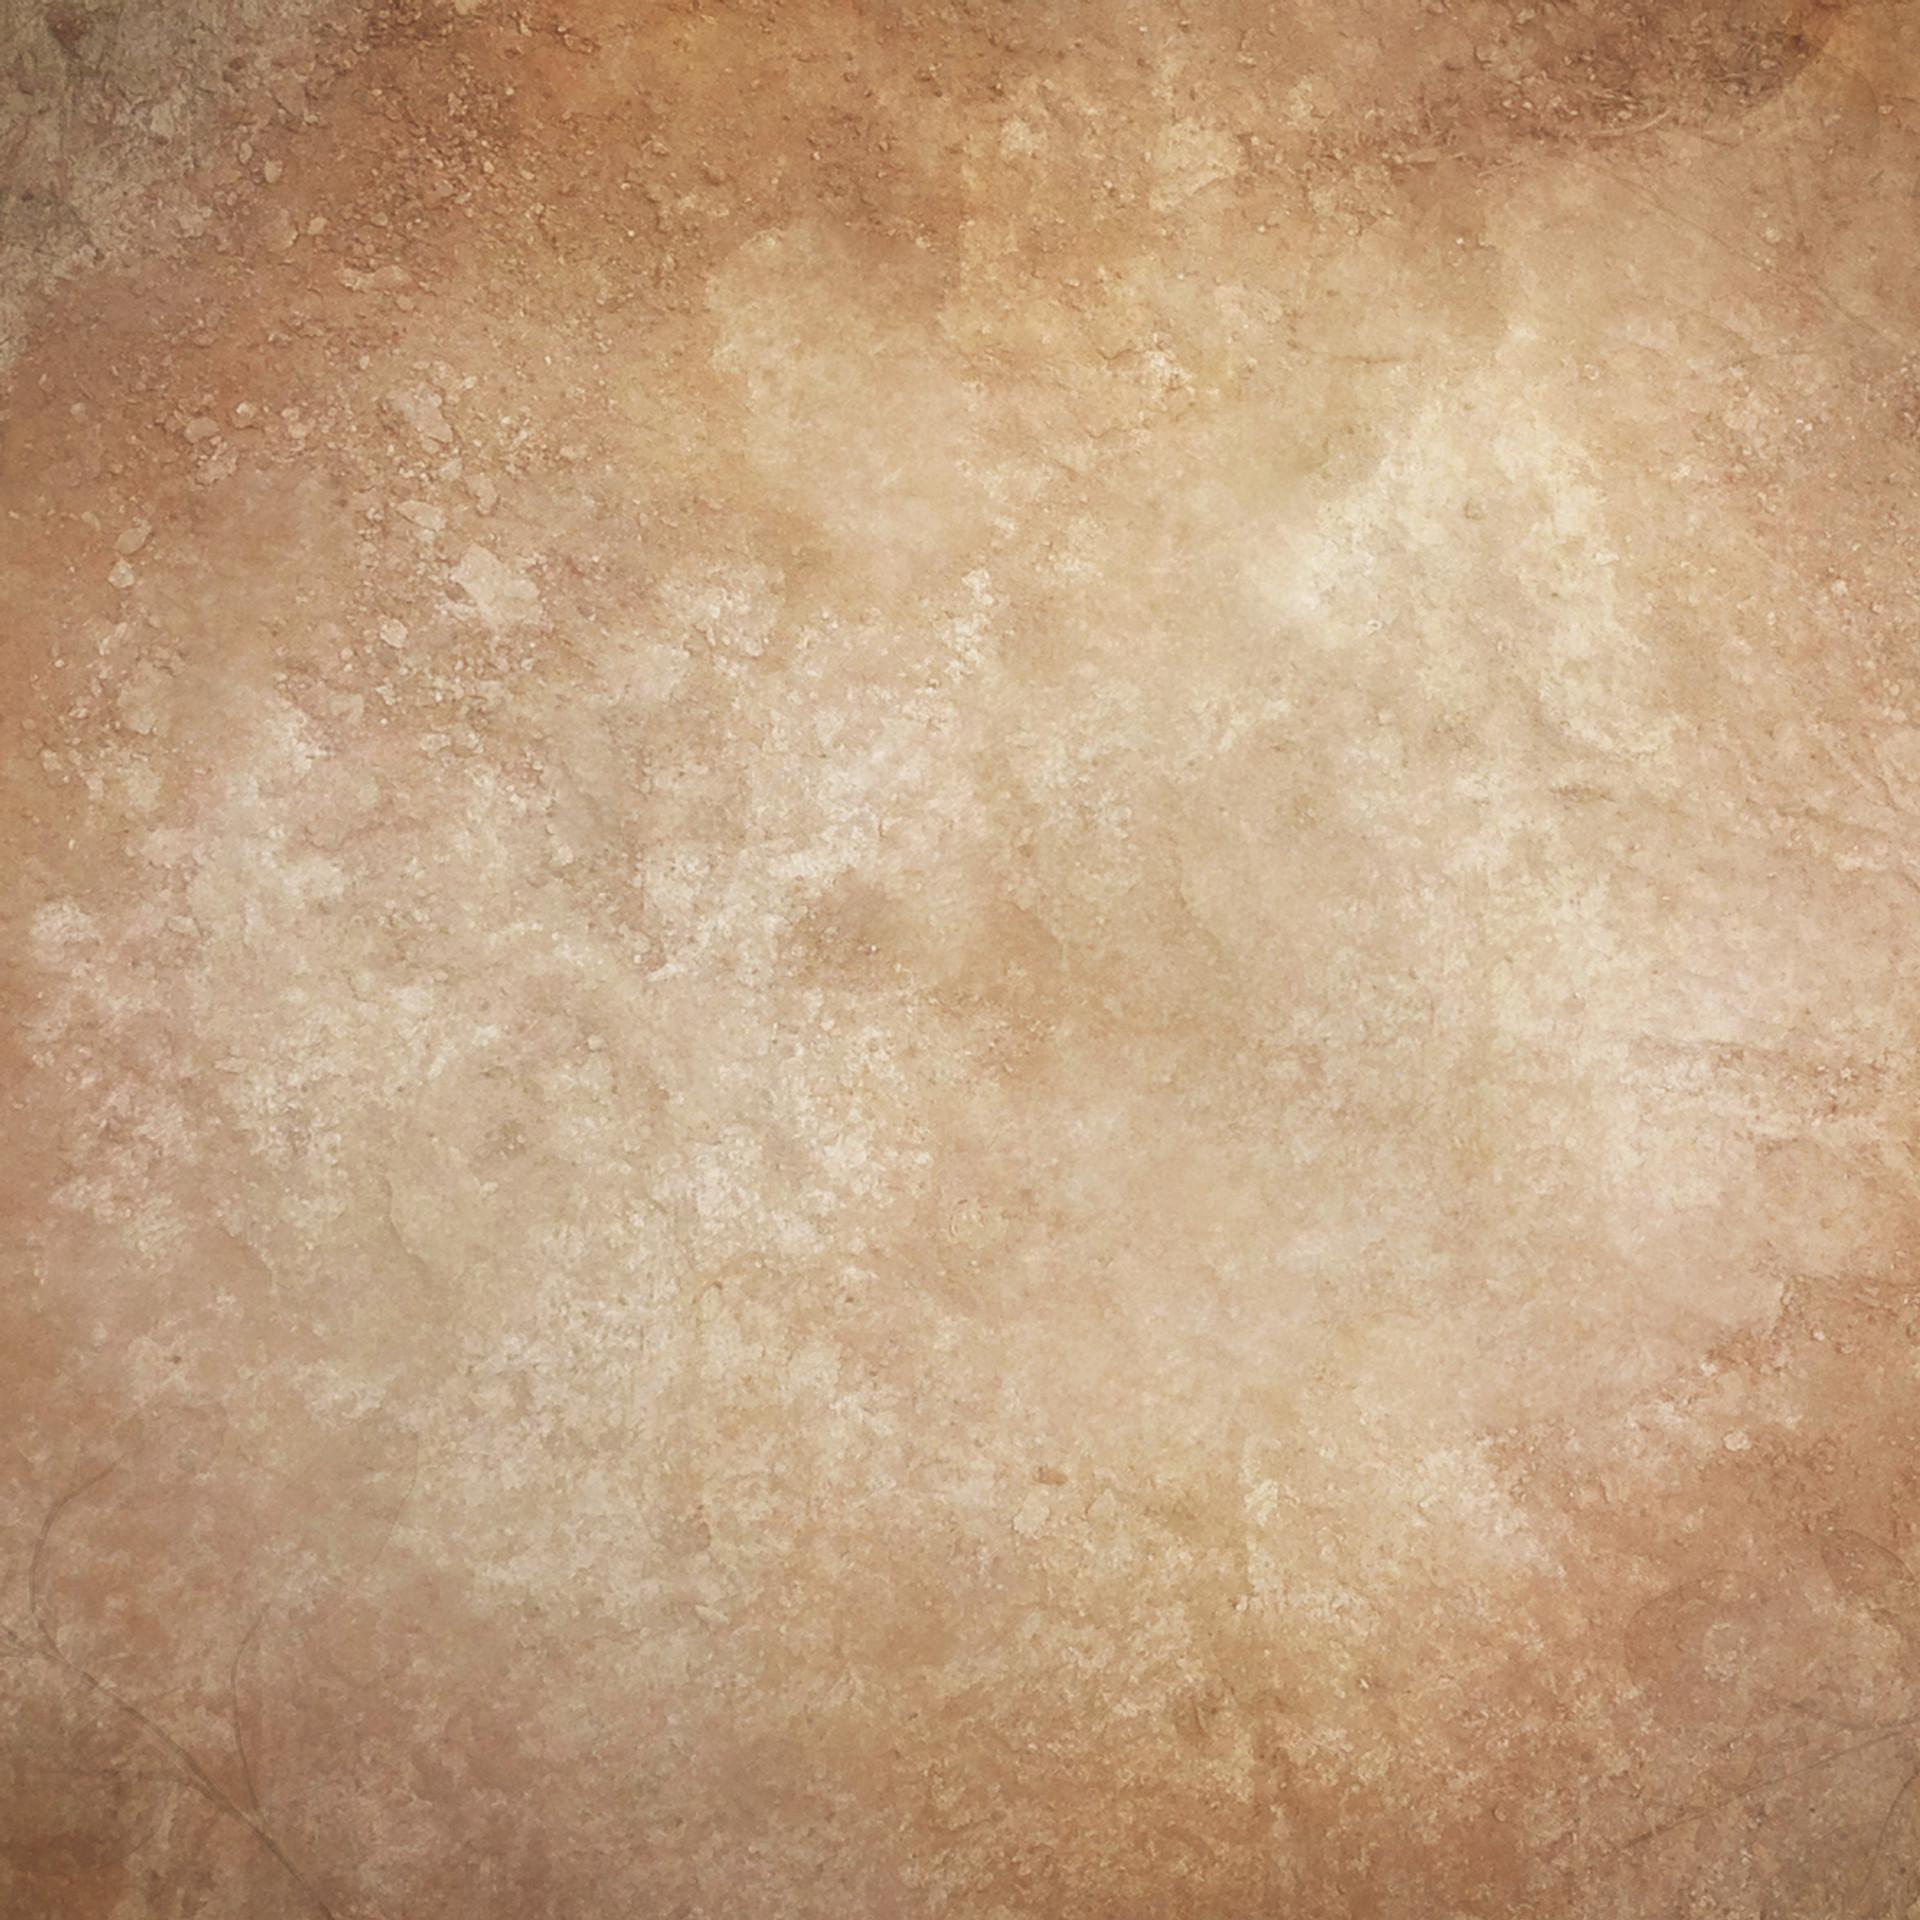 touchofwarm_001_texture - .jpg